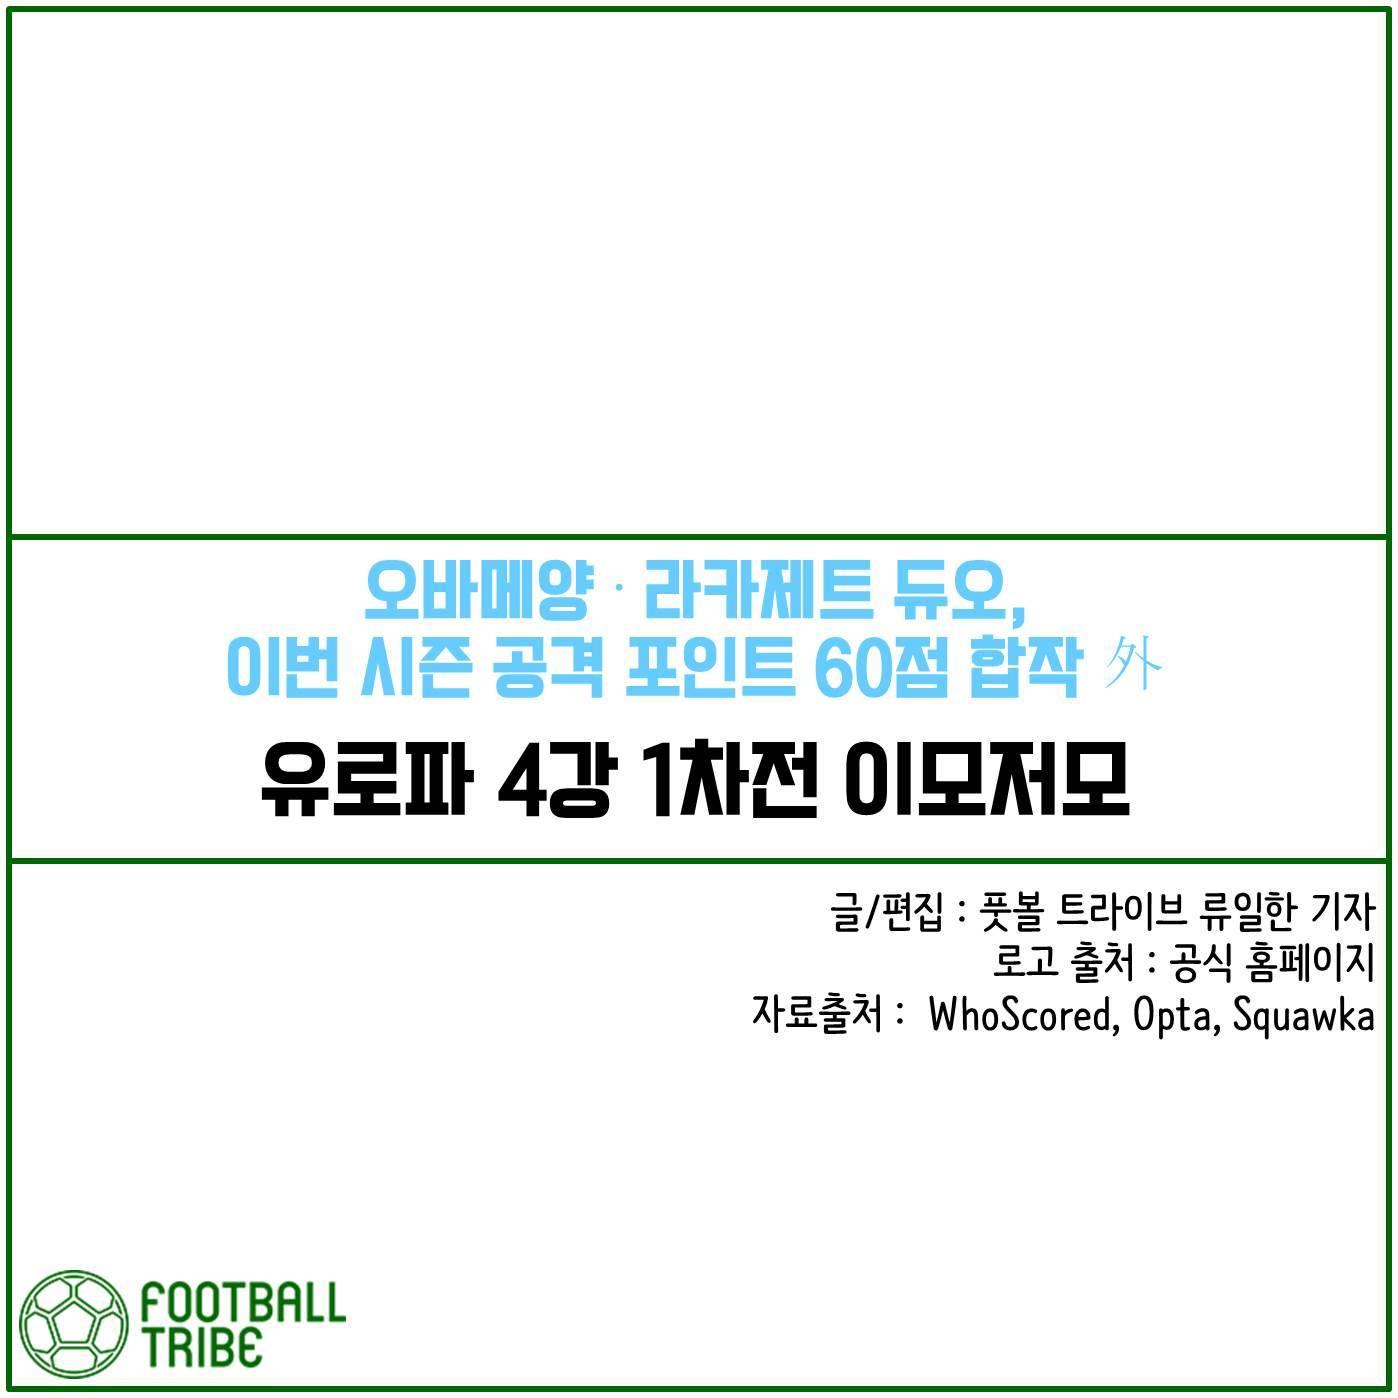 [카드 뉴스] 유로파 4강 1차전 이모저모